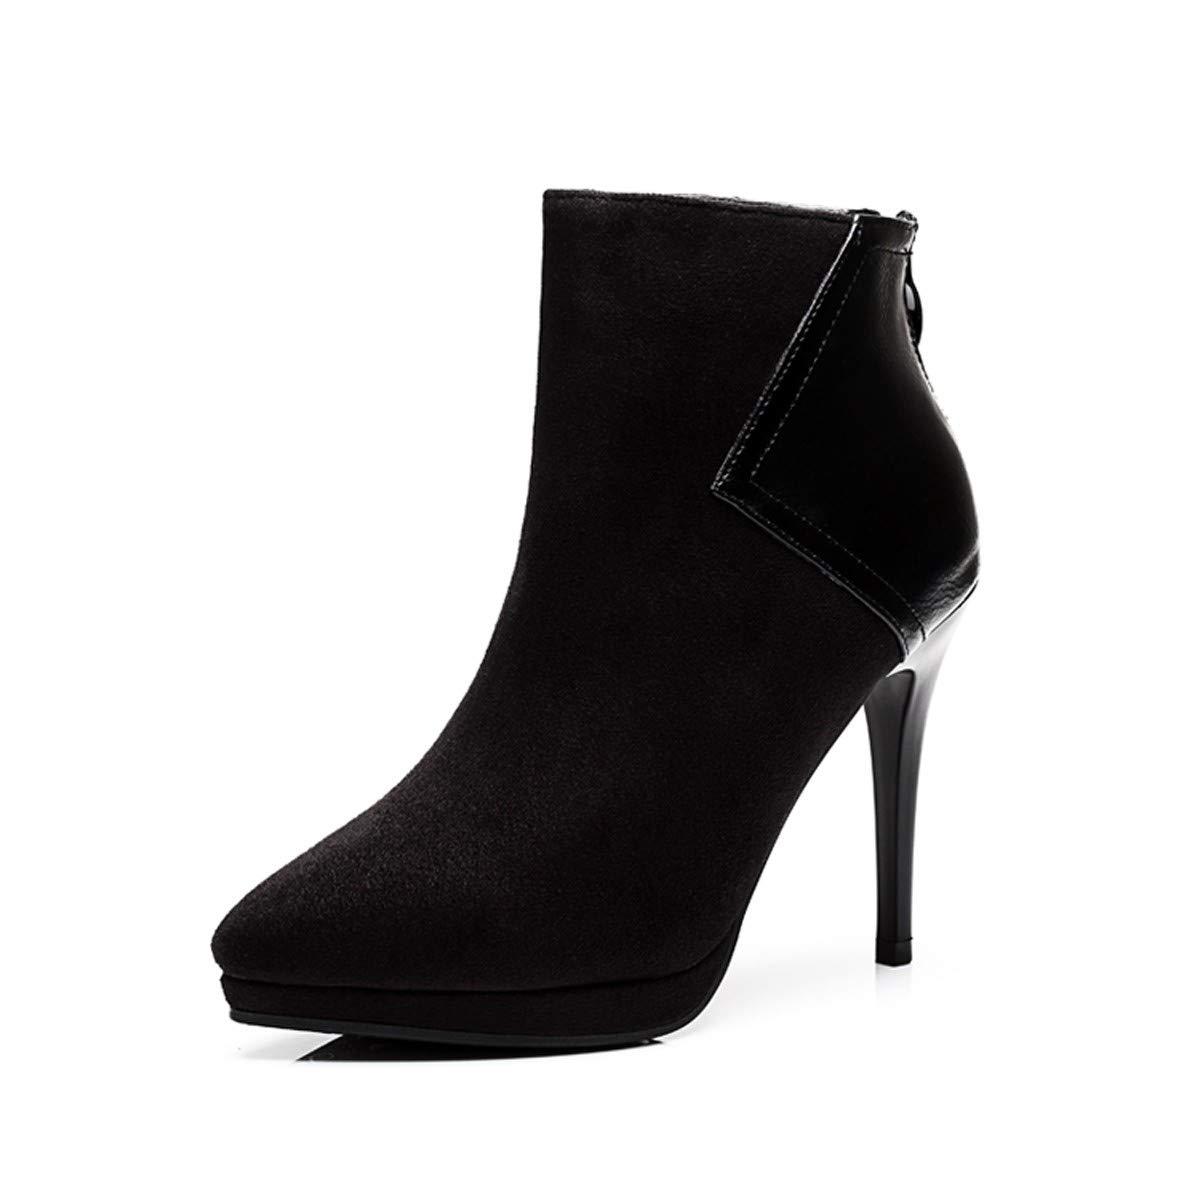 LBTSQ-Wasserdichte Plattform Hochhackigen Schuhe Kurze Stiefel Zeigte Stiefel Nackte Stiefel Zeigte 9Cm SAMT Schöne Frauen-Stiefel Damenschuhe. 9a8cd0